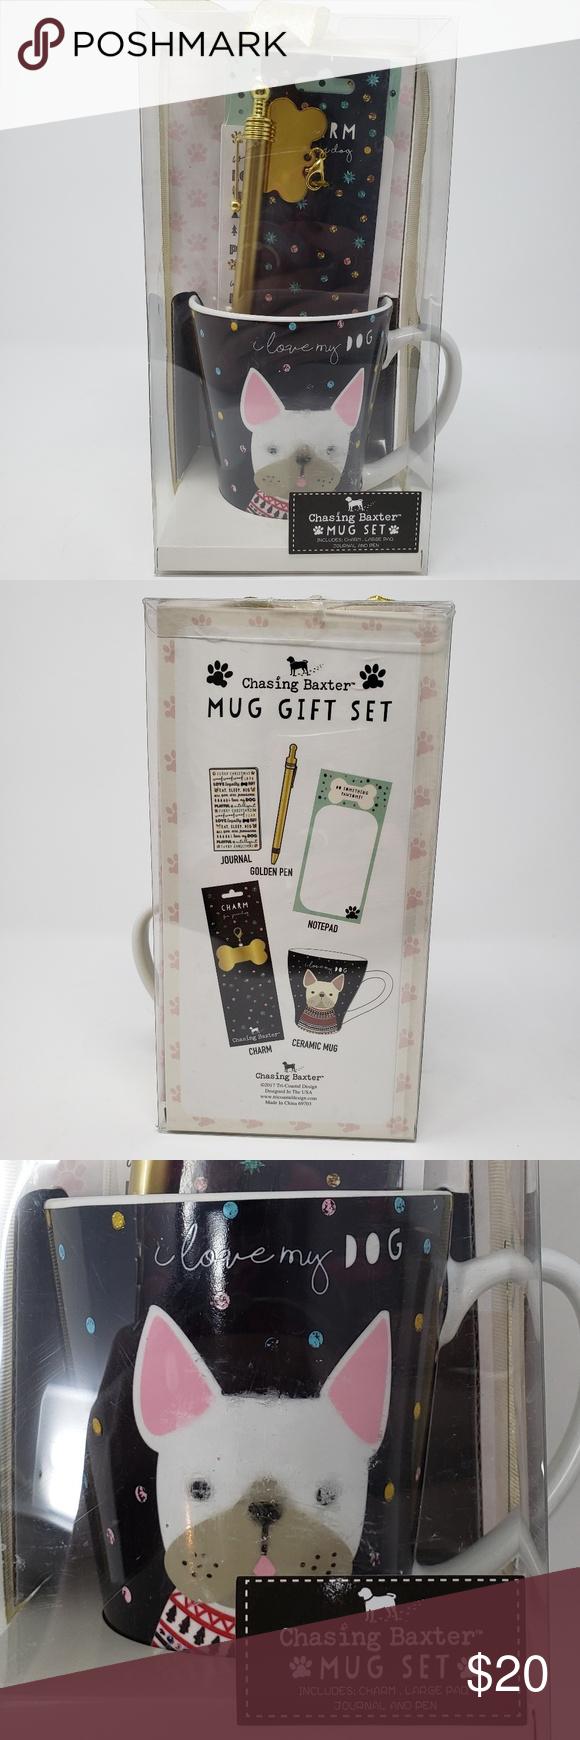 Chasing Baxter Mug Gift Set